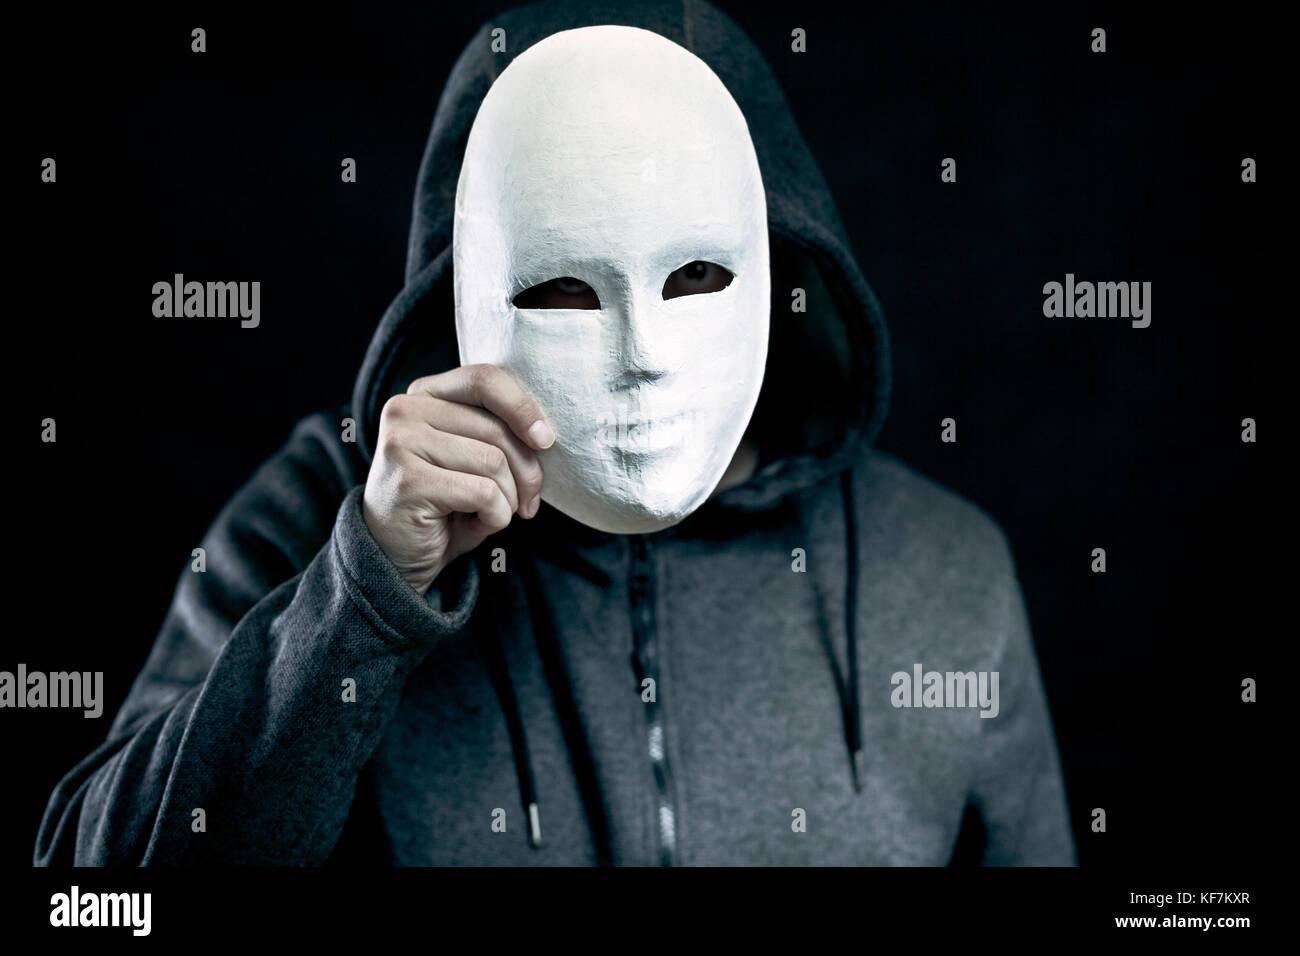 Mann, weiße Maske für das Gesicht verbergen Stockbild